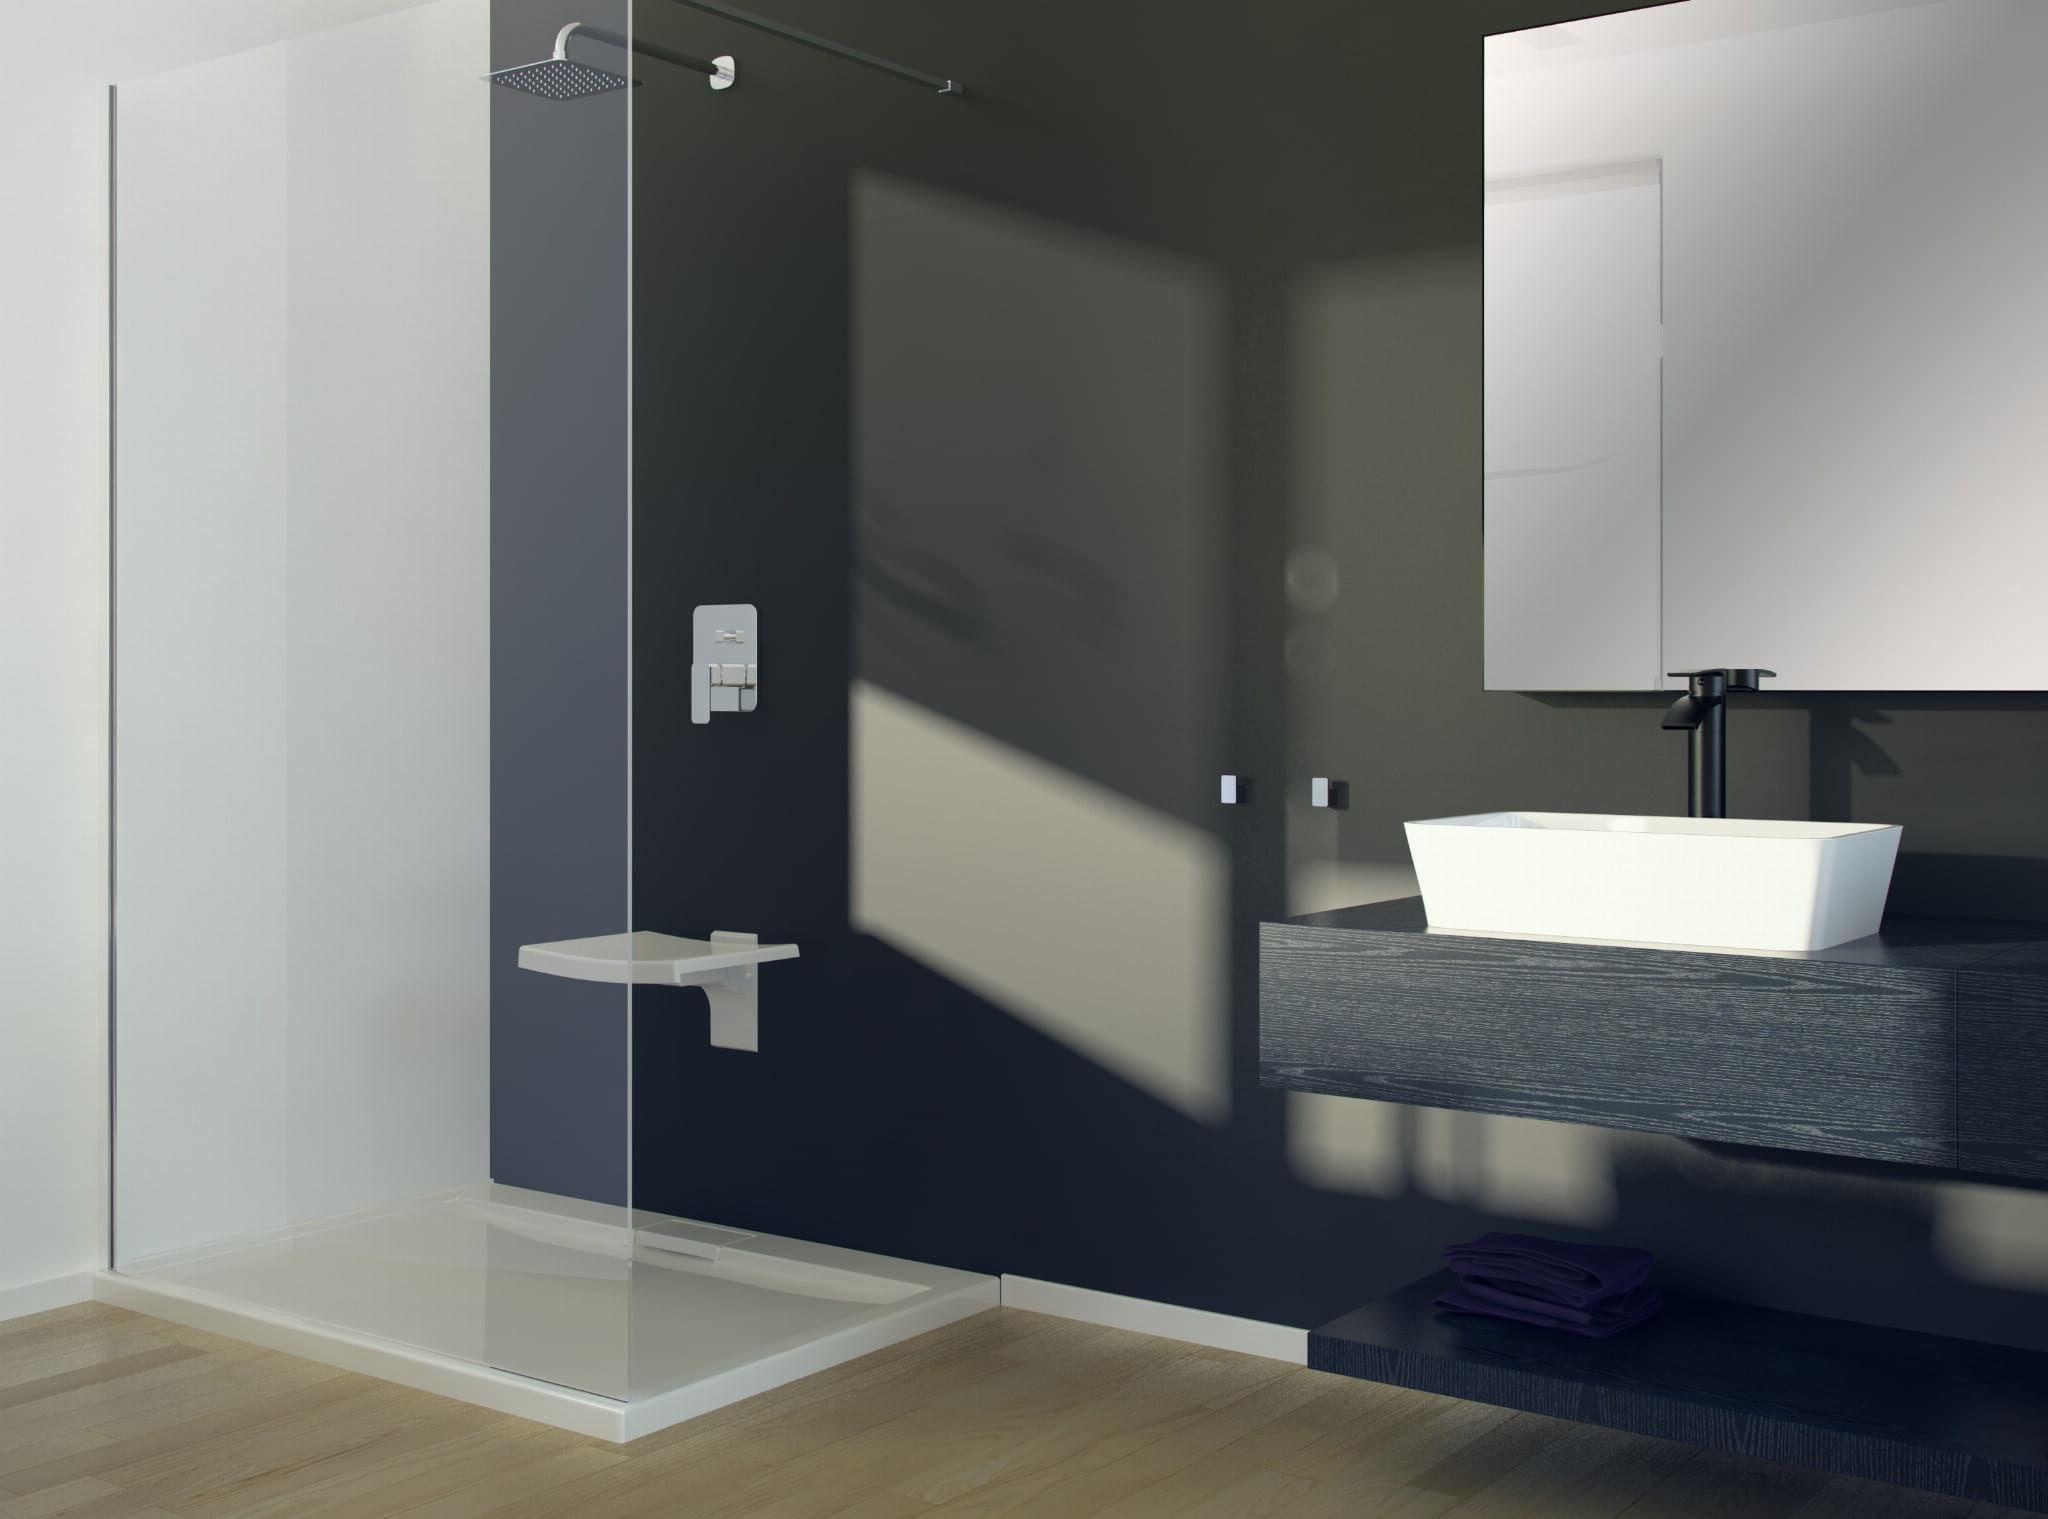 Besco umywalka nablatowa Assos 40x50x15 cm biała